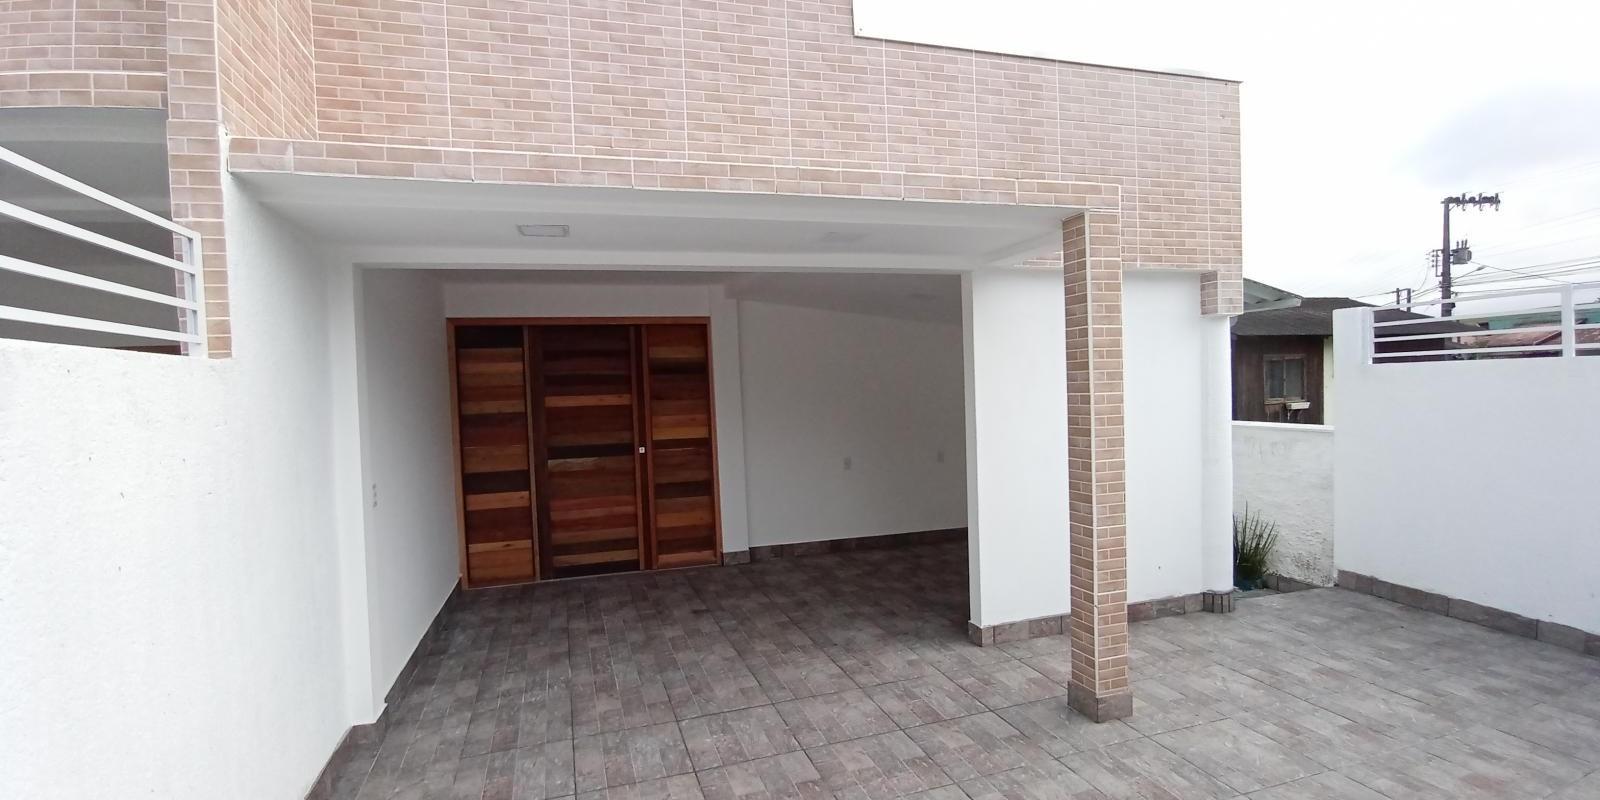 Linda Casa Geminada com 3 Quartos - Foto 11 de 14